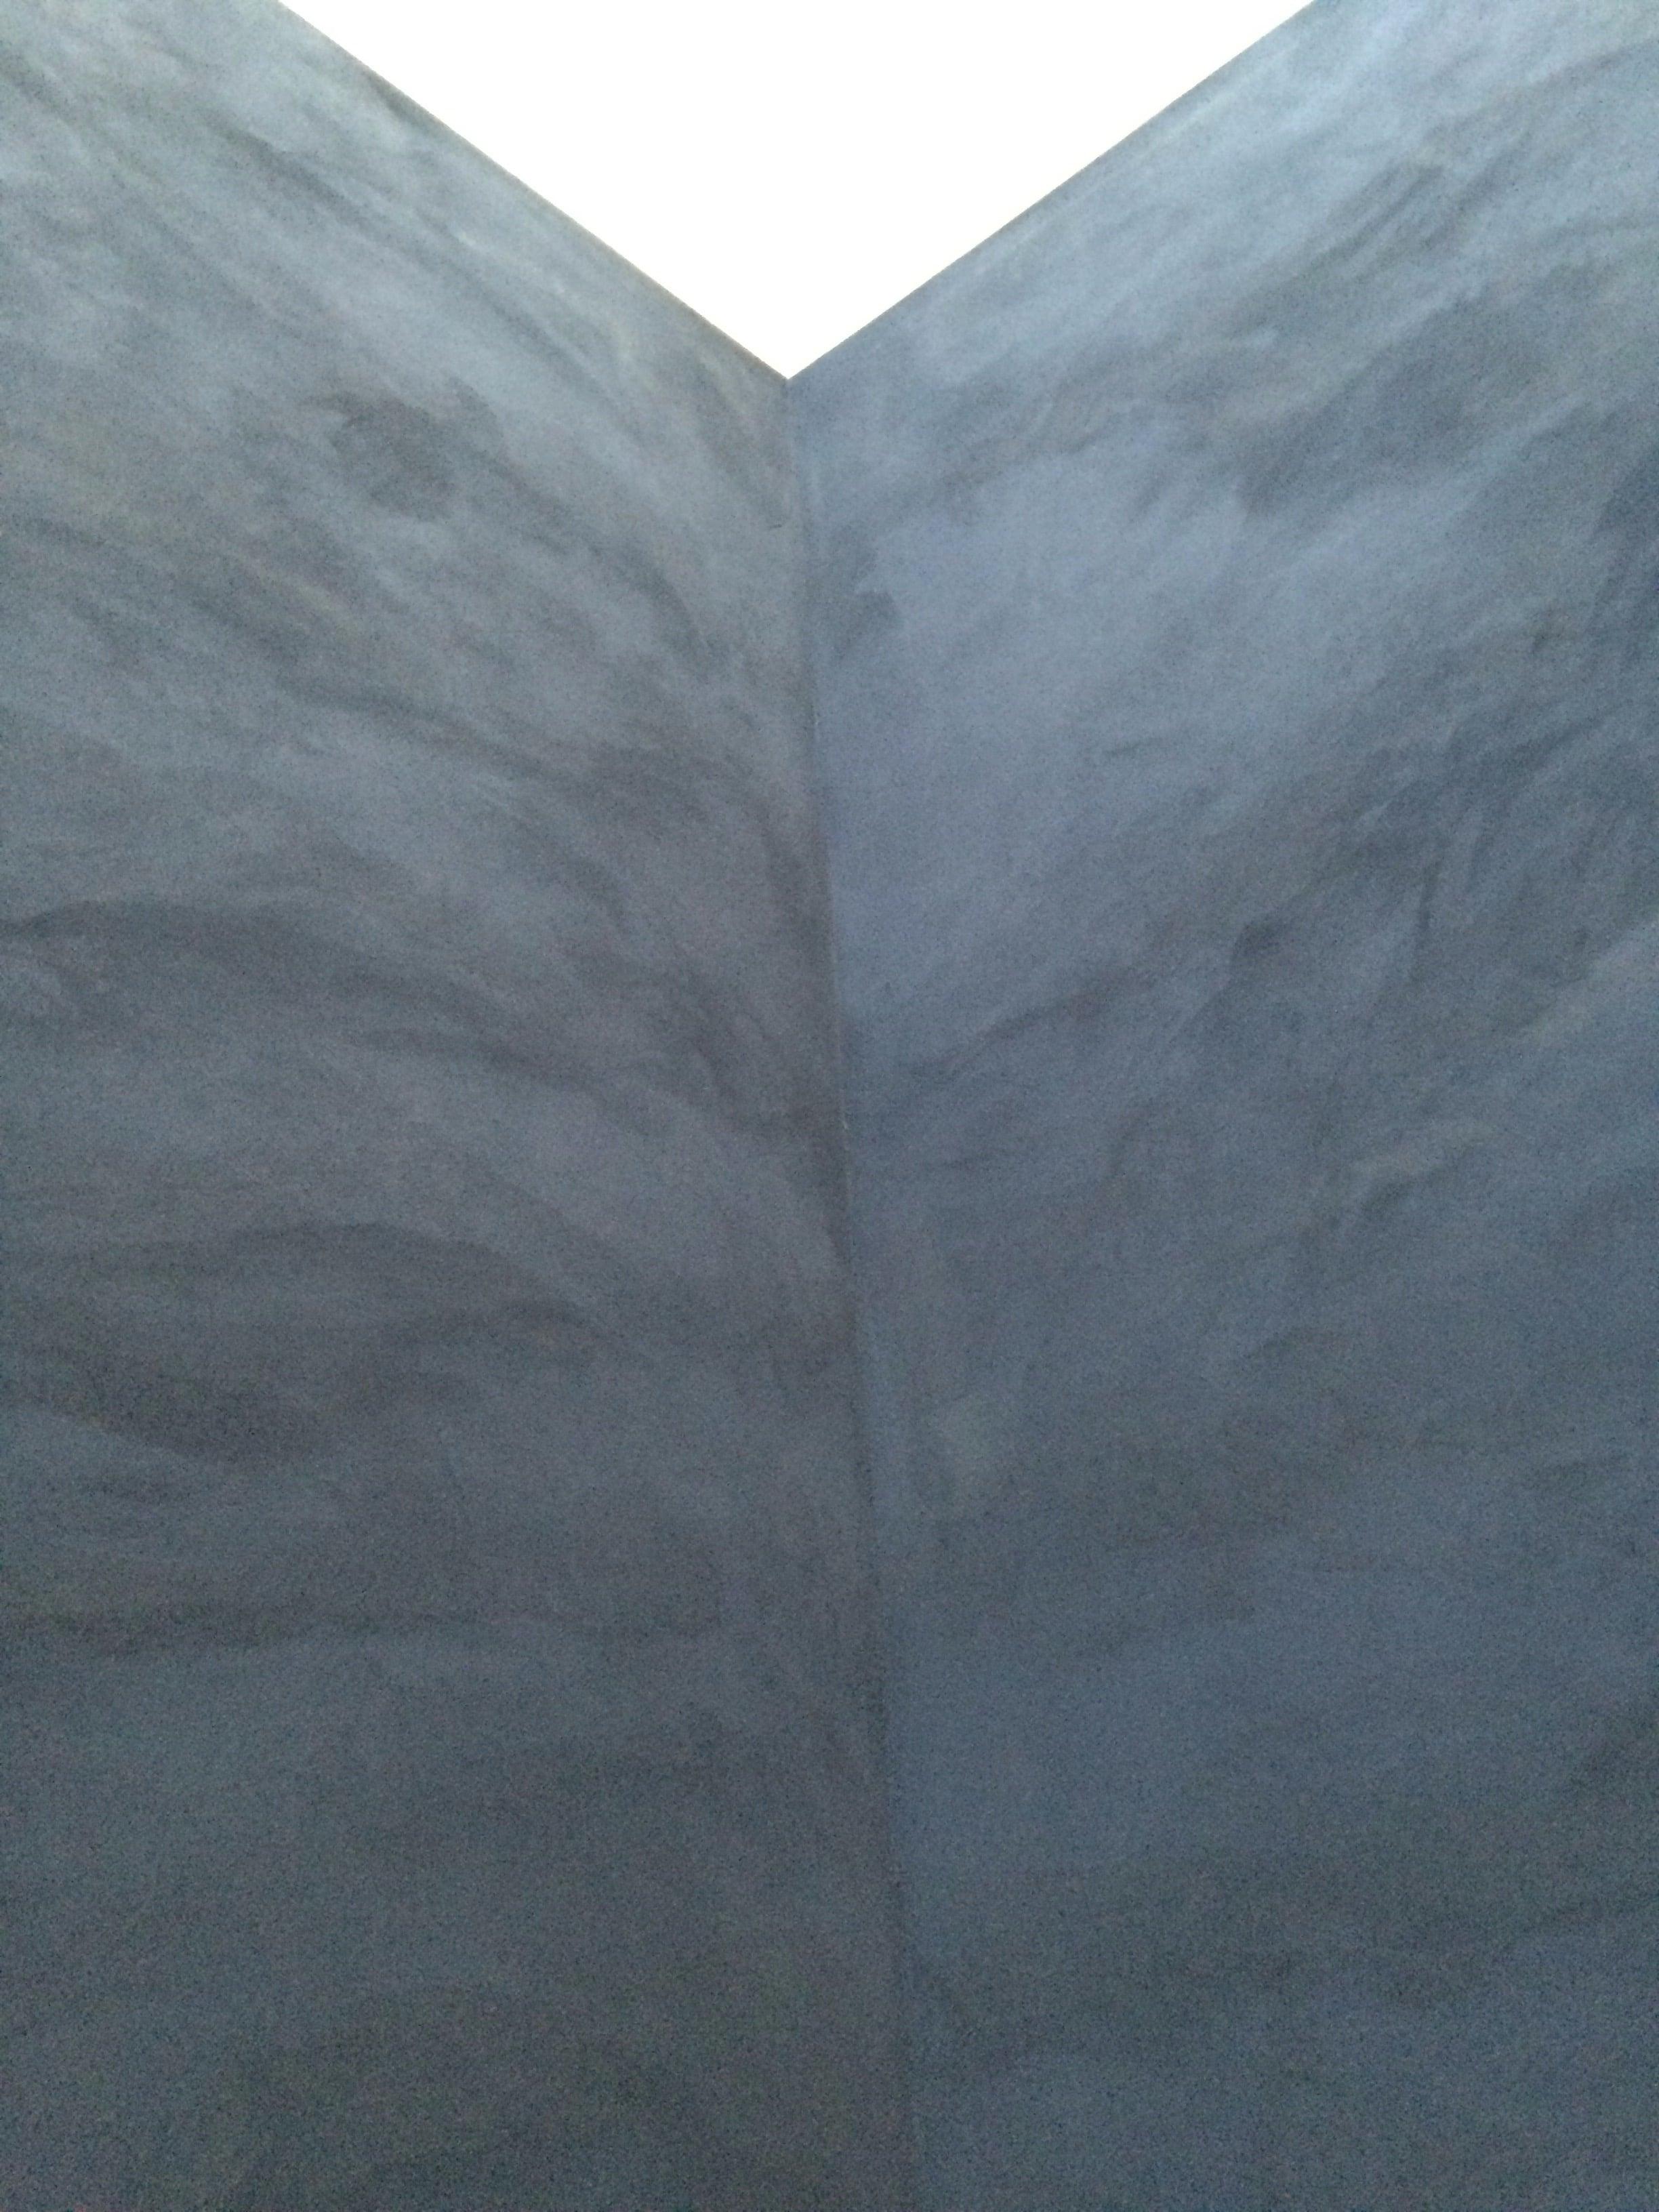 Naturofloor in Paynes-grau, vor der Versiegelung